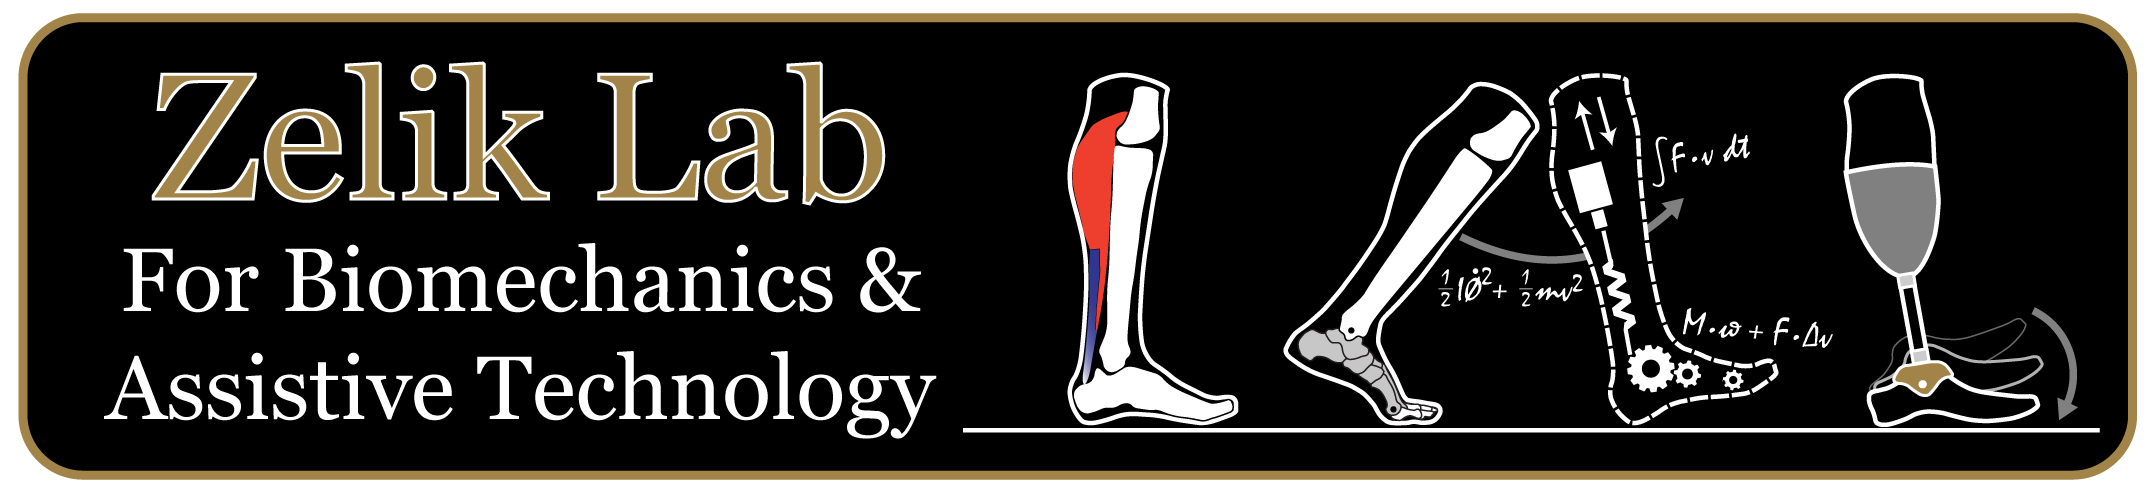 batlab-logo-v6-Zelik-Lab